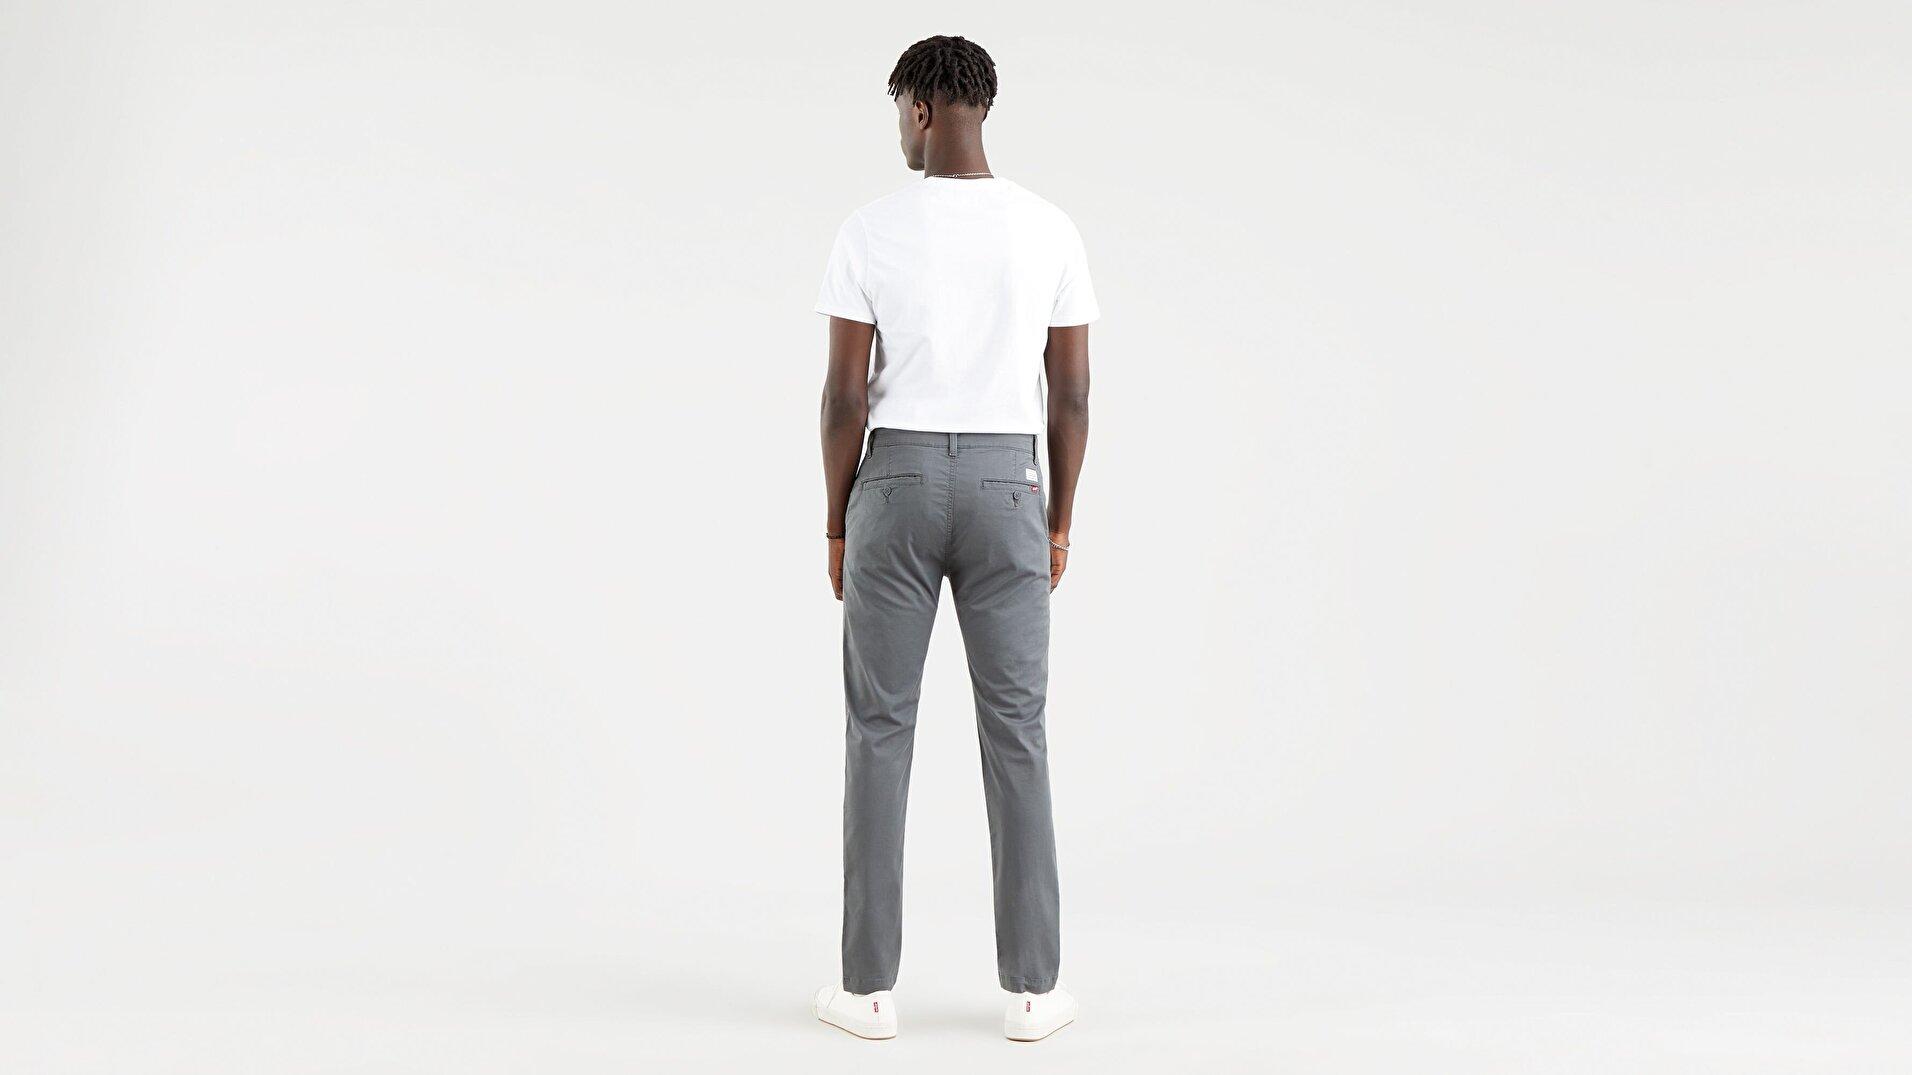 XX Chino Slim Fit Erkek Pantolon-Gray Ore Ltwt Tencel